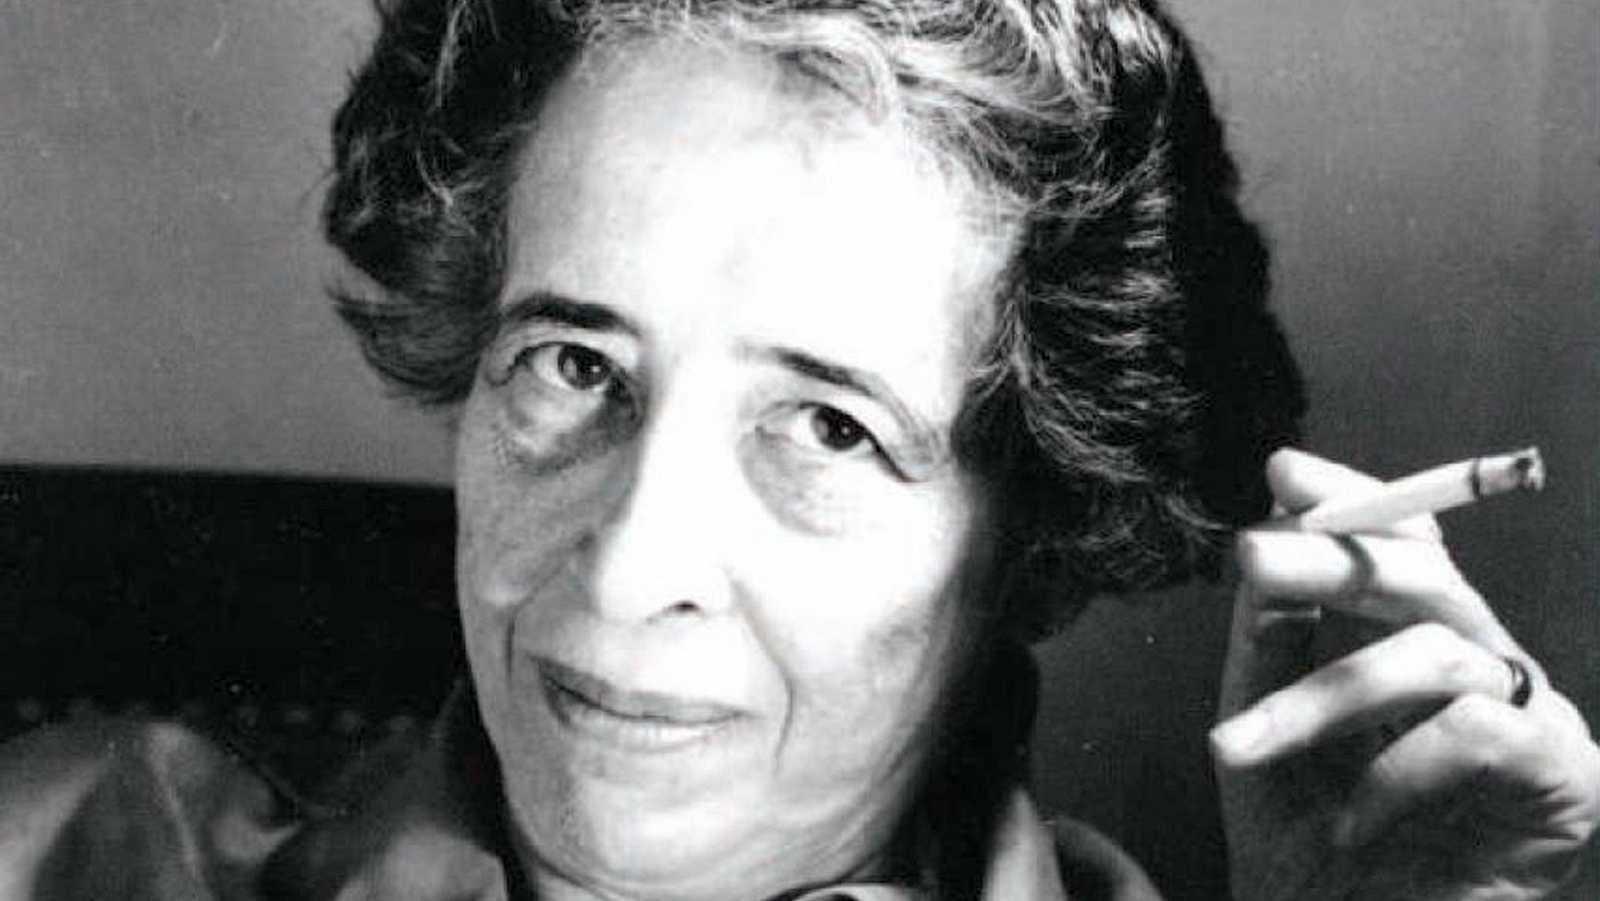 Preguntas a la Historia -  ¿Quién fue Hannah Arendt? - 15/03/21 - Escuchar ahora